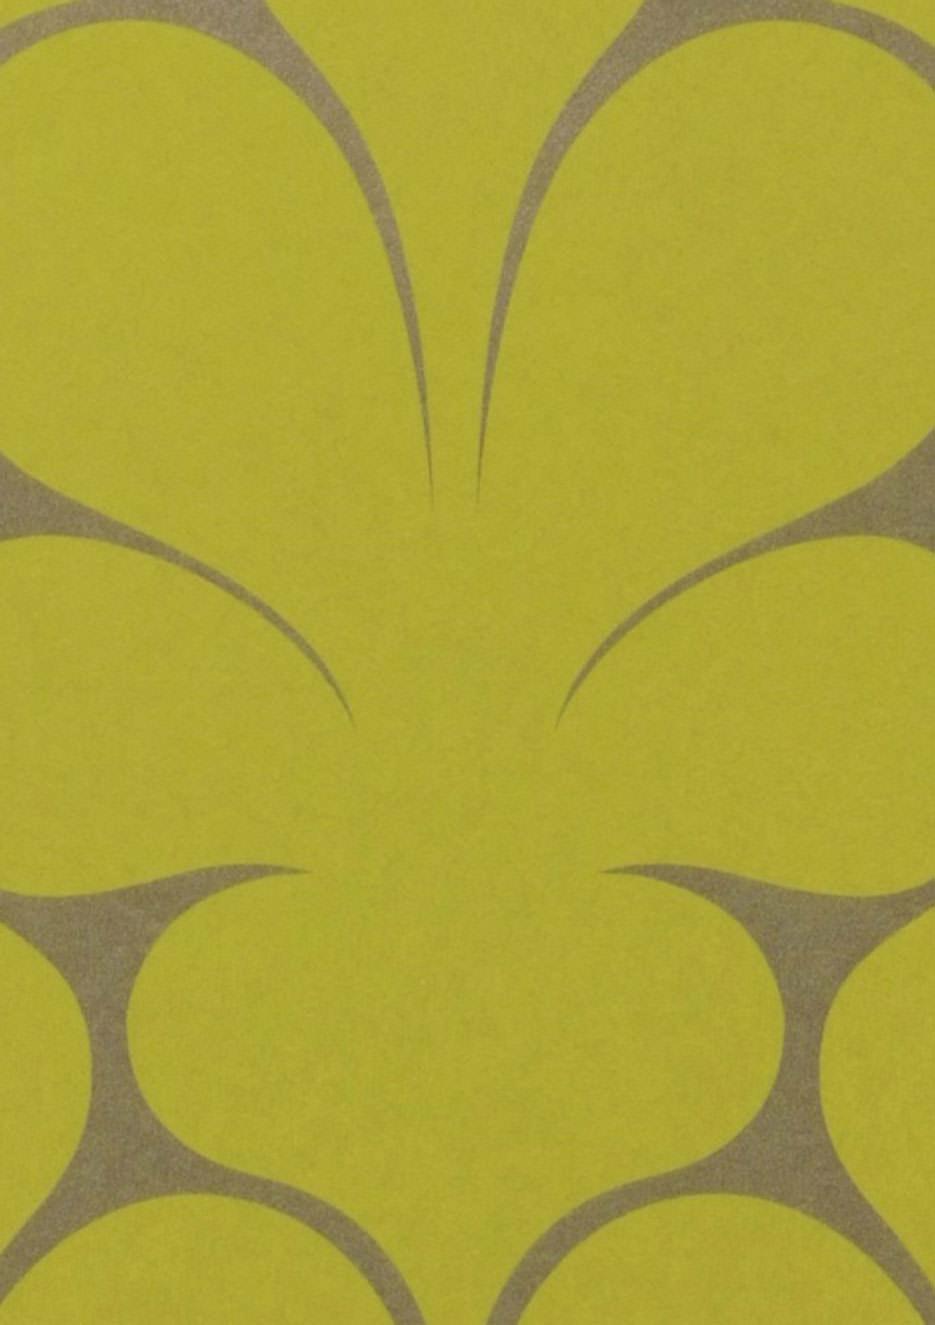 Papier peint velusa gris argent vert jaune papier peint des ann es 70 - Largeur d un rouleau de papier peint ...